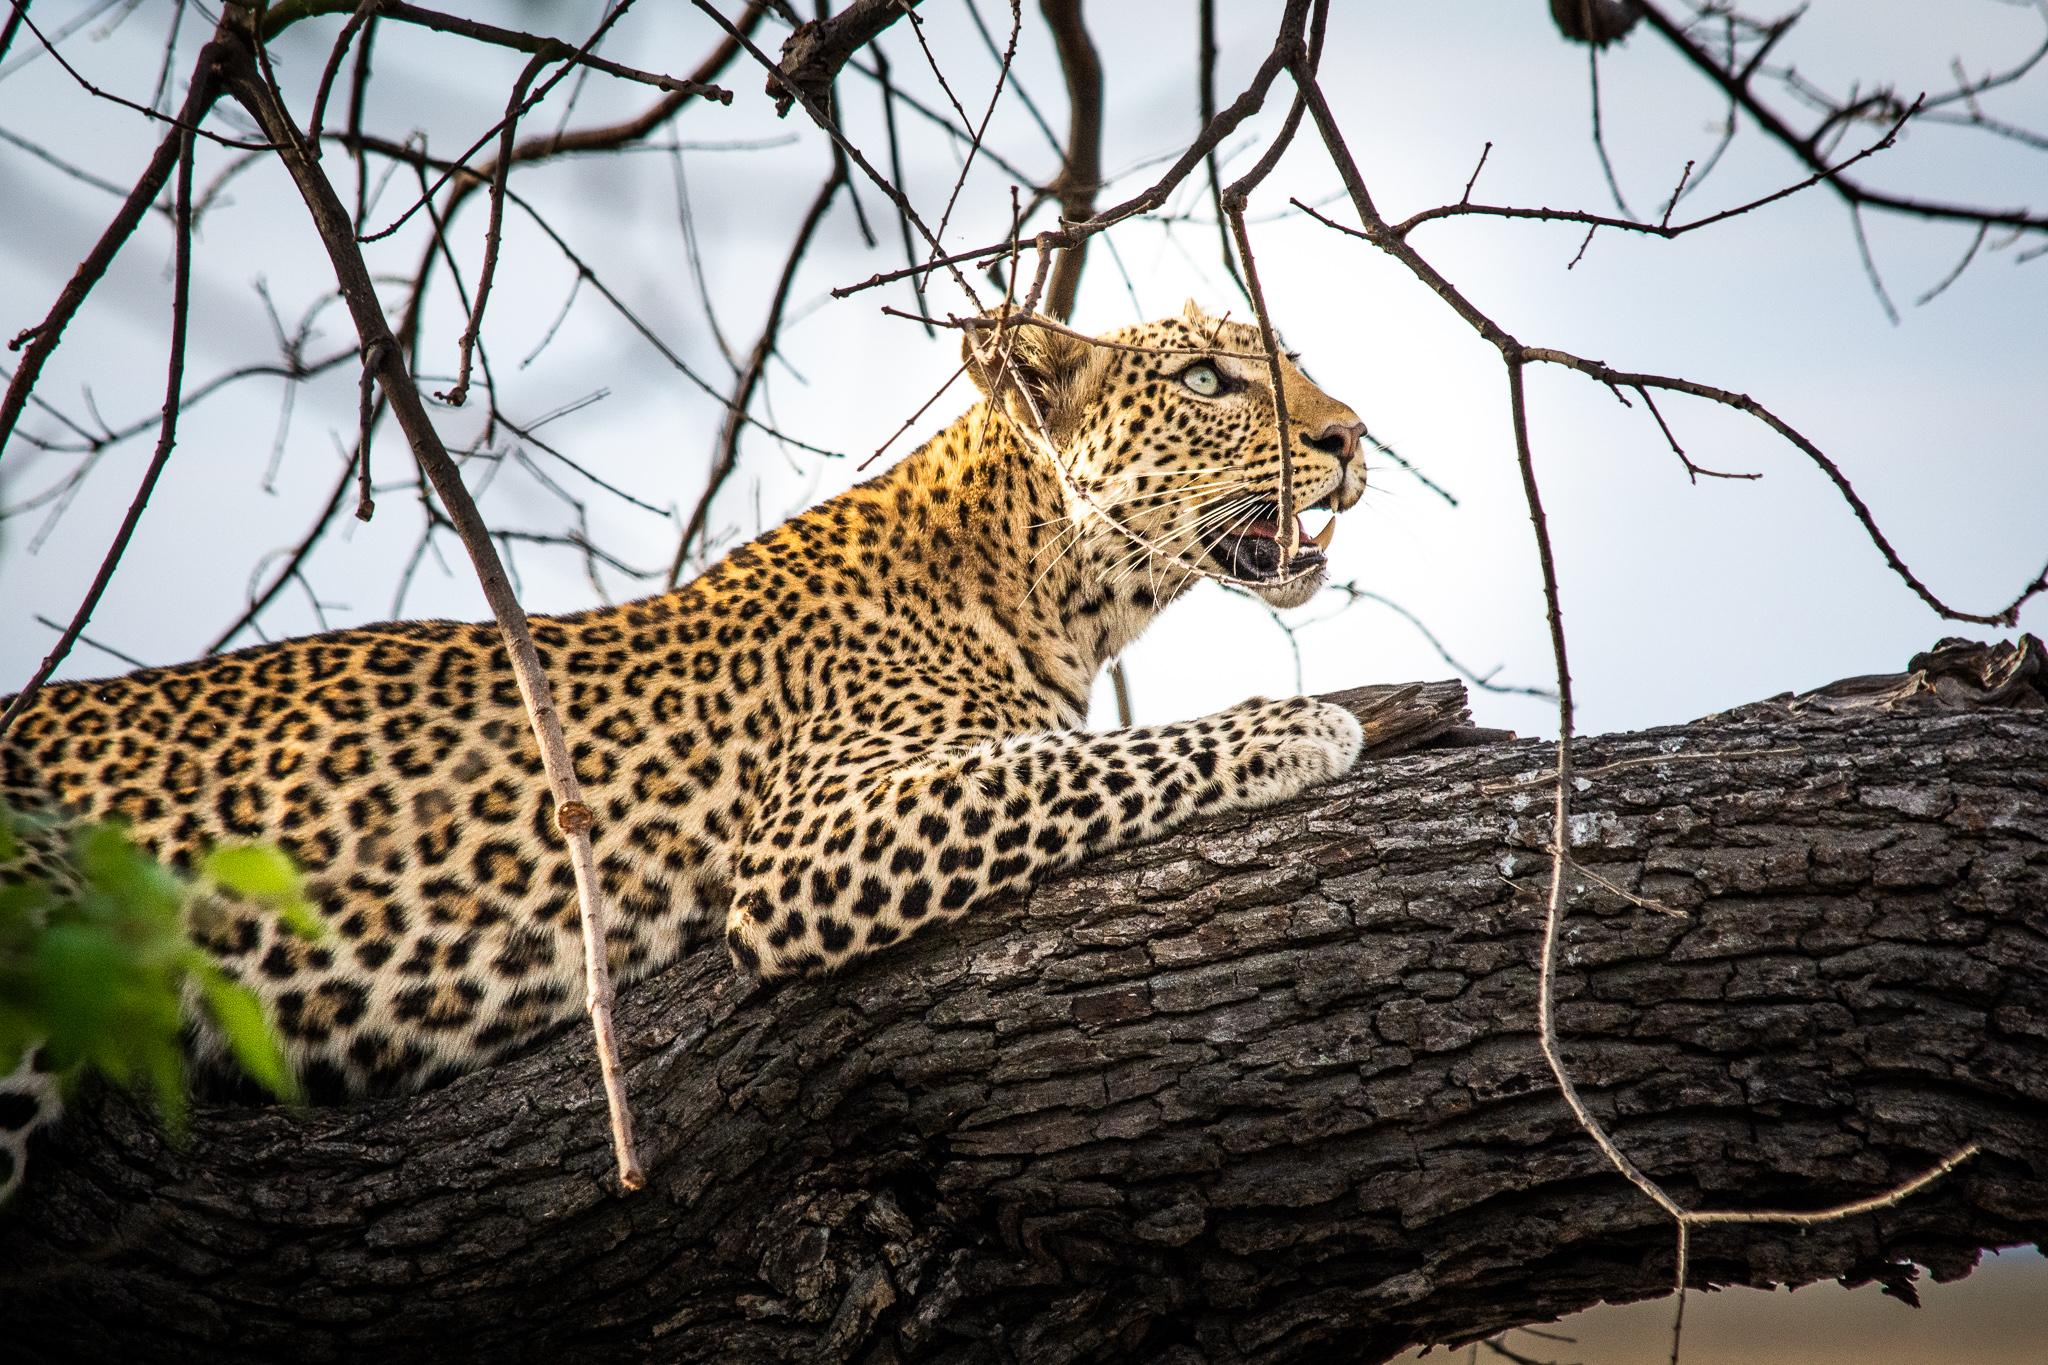 Leopard Chobe Safari lodge